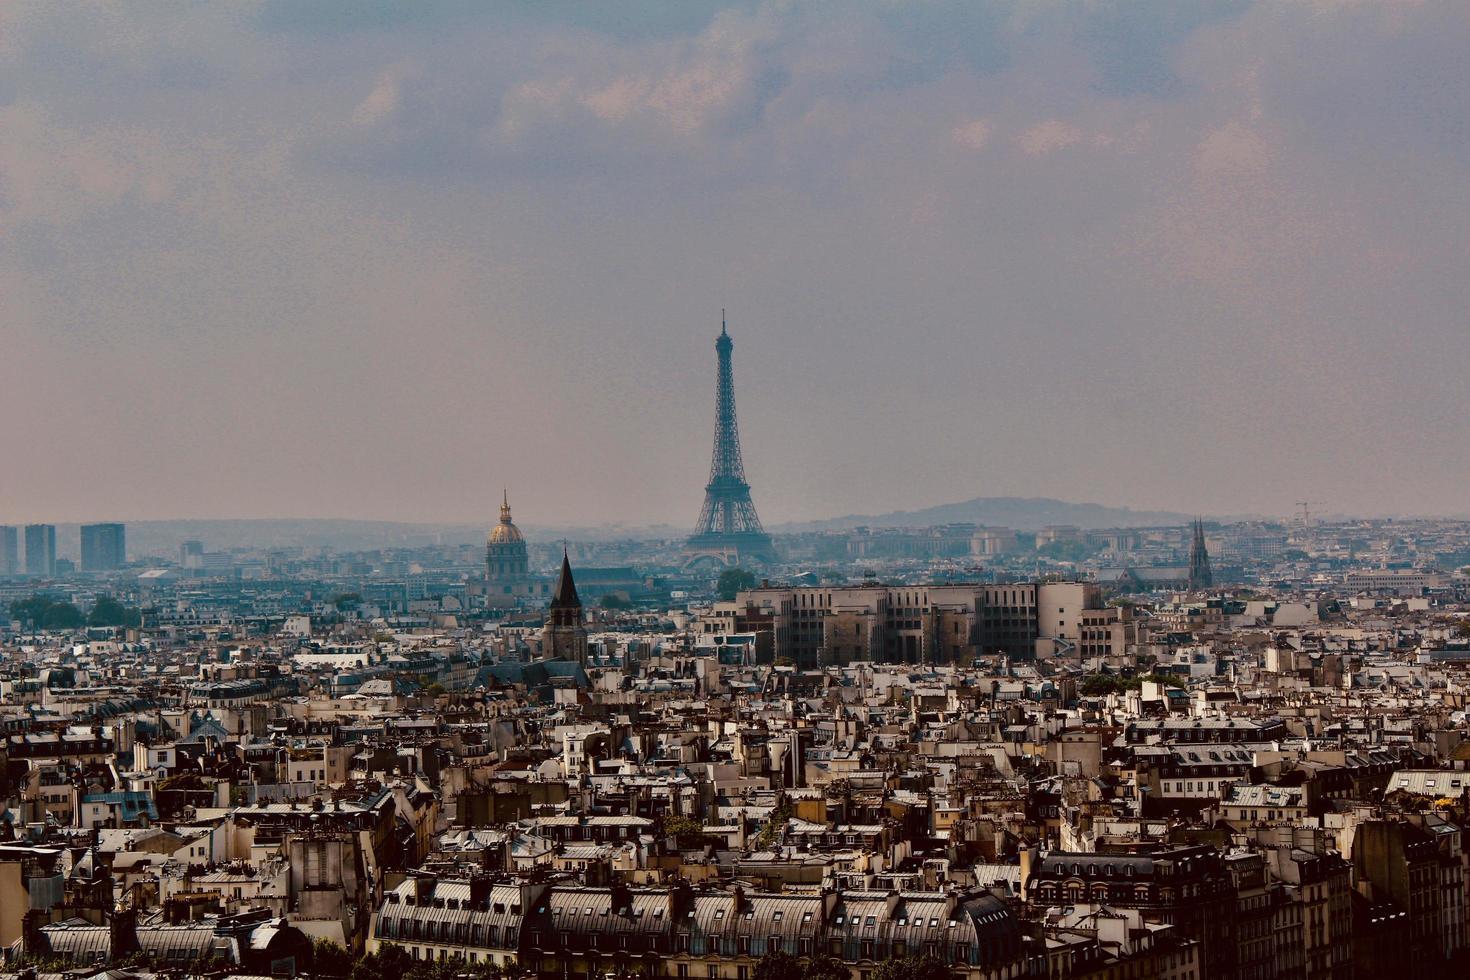 toits de la ville de paris, france photo